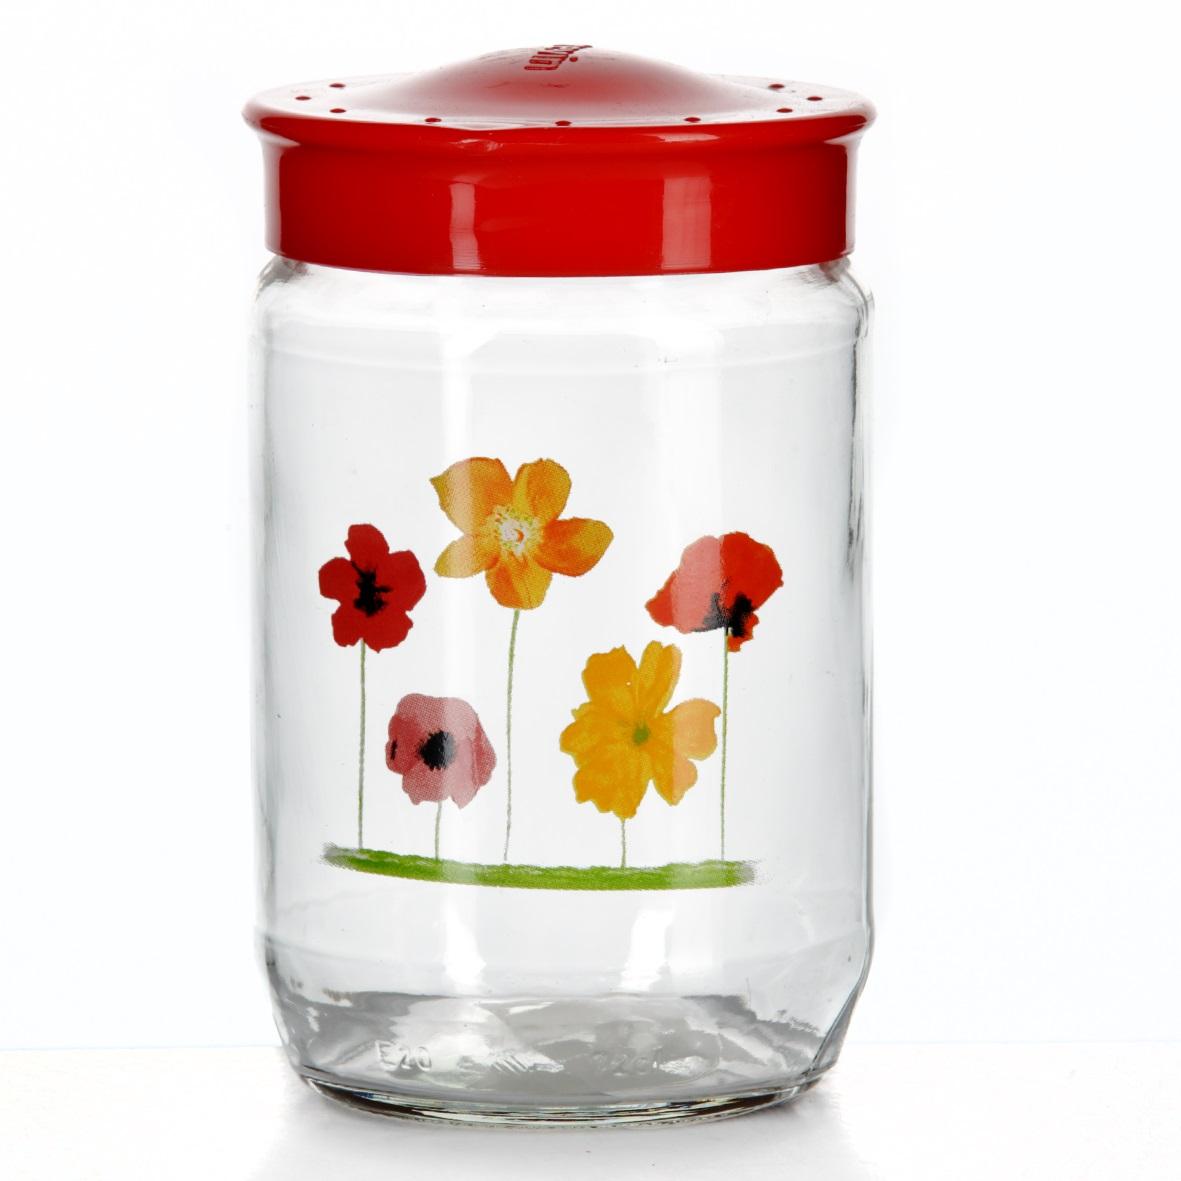 Банка для сыпучих продуктов Herevin, цвет: красный, 720 мл. 171111-000171111-000Банка для сыпучих продуктов Herevin, изготовленная из прочного стекла, декорирована изображением цветов. Банка оснащена плотно закрывающейся пластиковой крышкой. Благодаря этому внутри сохраняется герметичность, и продукты дольше остаются свежими. Изделие предназначено для хранения различных сыпучих продуктов: круп, чая, сахара, орехов и т.д. Функциональная и вместительная, такая банка станет незаменимым аксессуаром на любой кухне. Можно мыть в посудомоечной машине. Пластиковые части рекомендуется мыть вручную. Объем: 720 мл. Диаметр (по верхнему краю): 7,5 см. Высота банки (без учета крышки): 14 см.